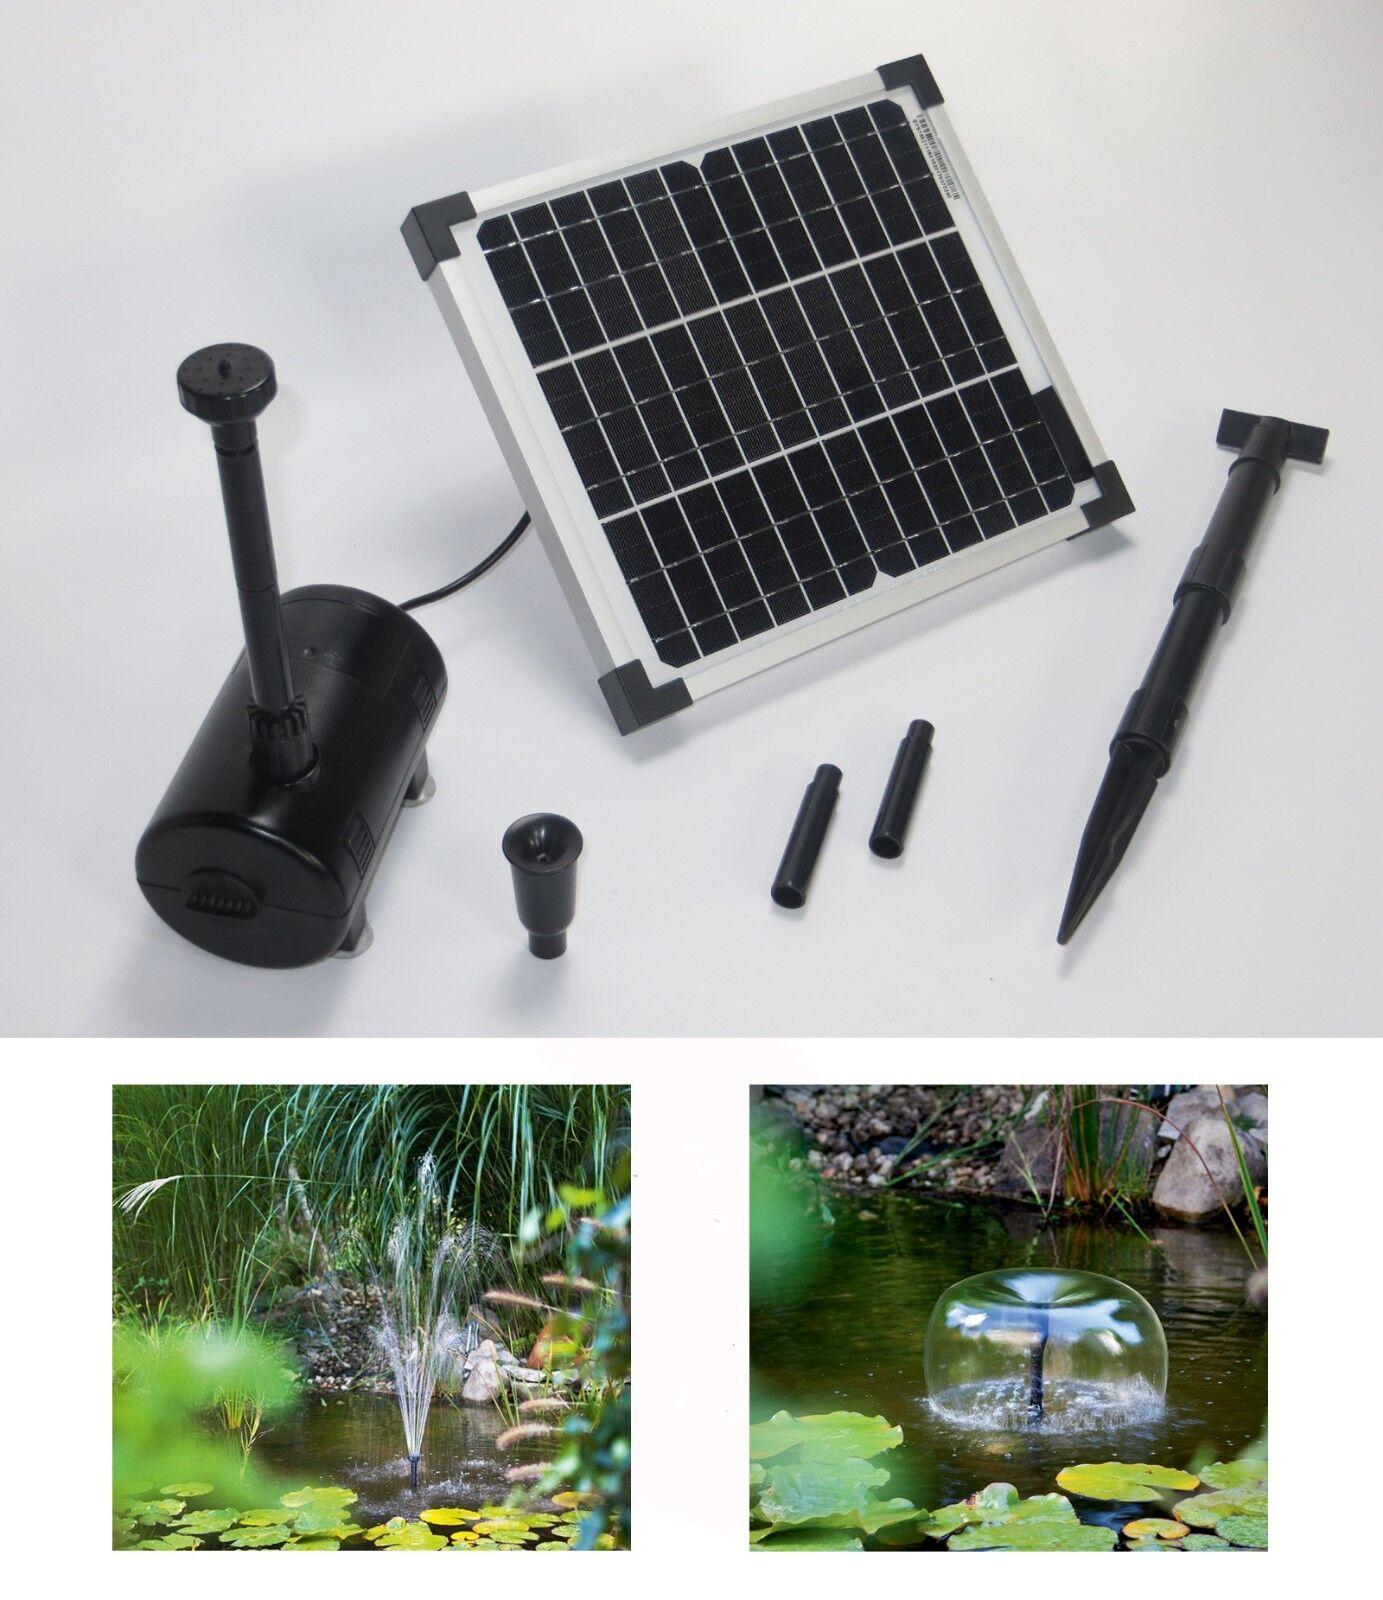 10 W SOLARE POMPA PER LAGHETTO Pompa Solare Pompa per laghetto immergo Stagno Giardino Giardino pumpenset